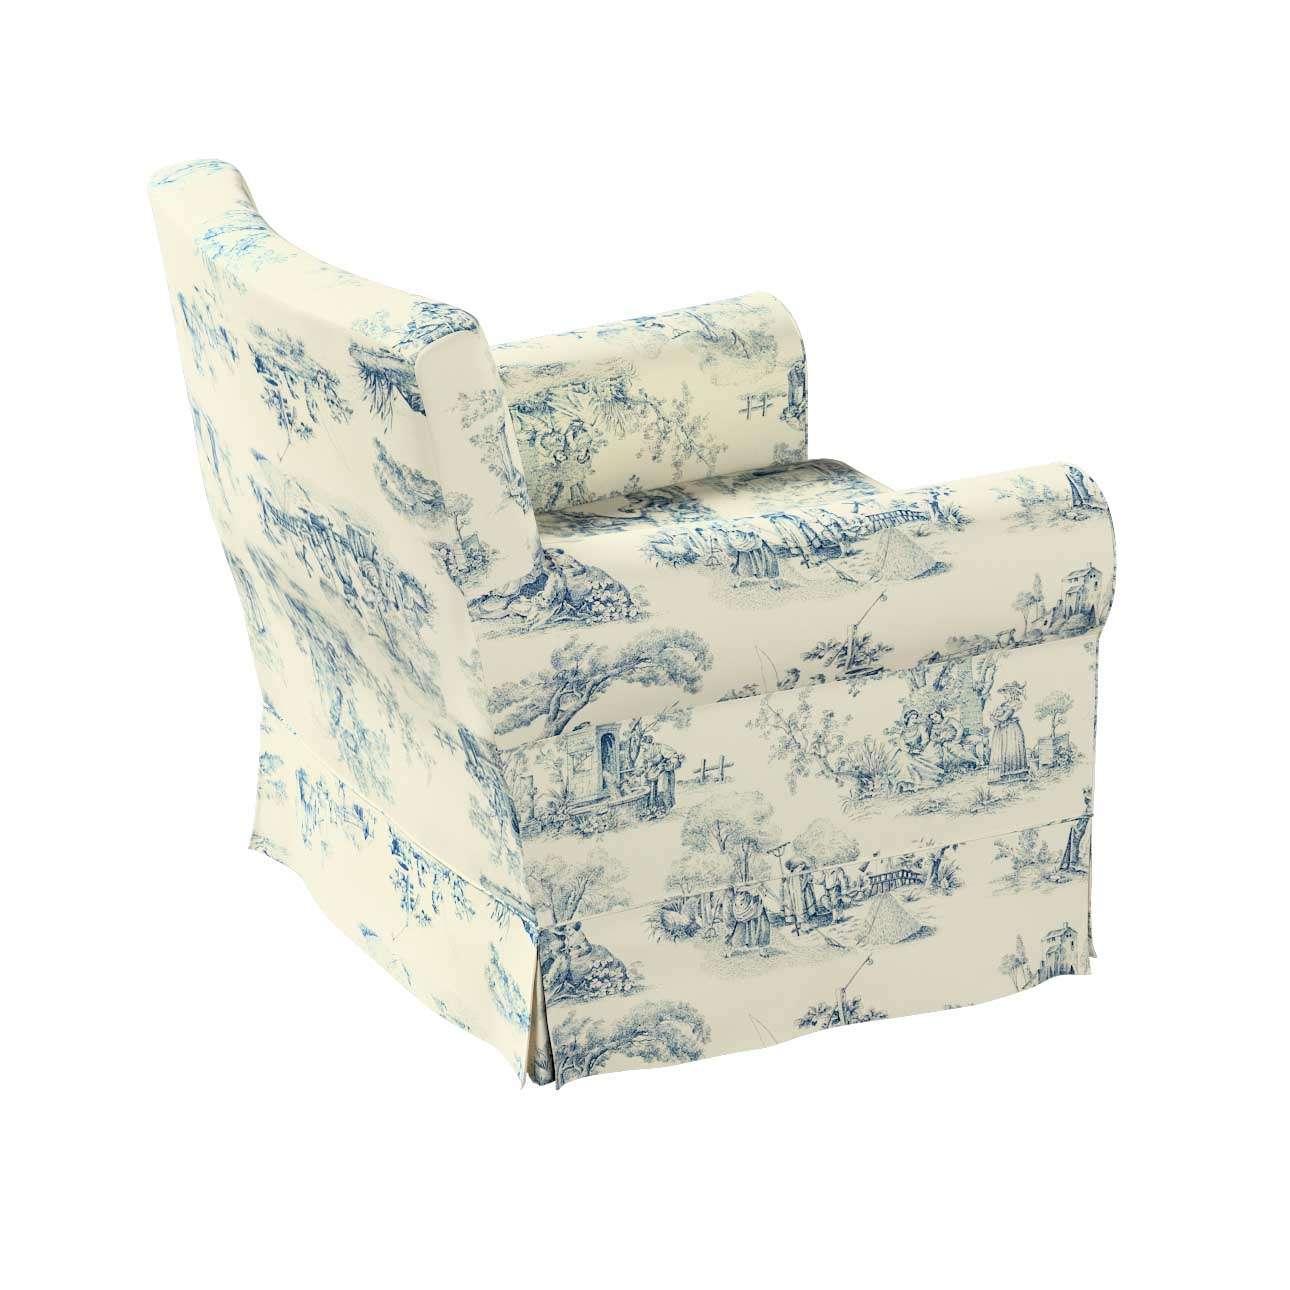 Pokrowiec na fotel Ektorp Jennylund w kolekcji Avinon, tkanina: 132-66